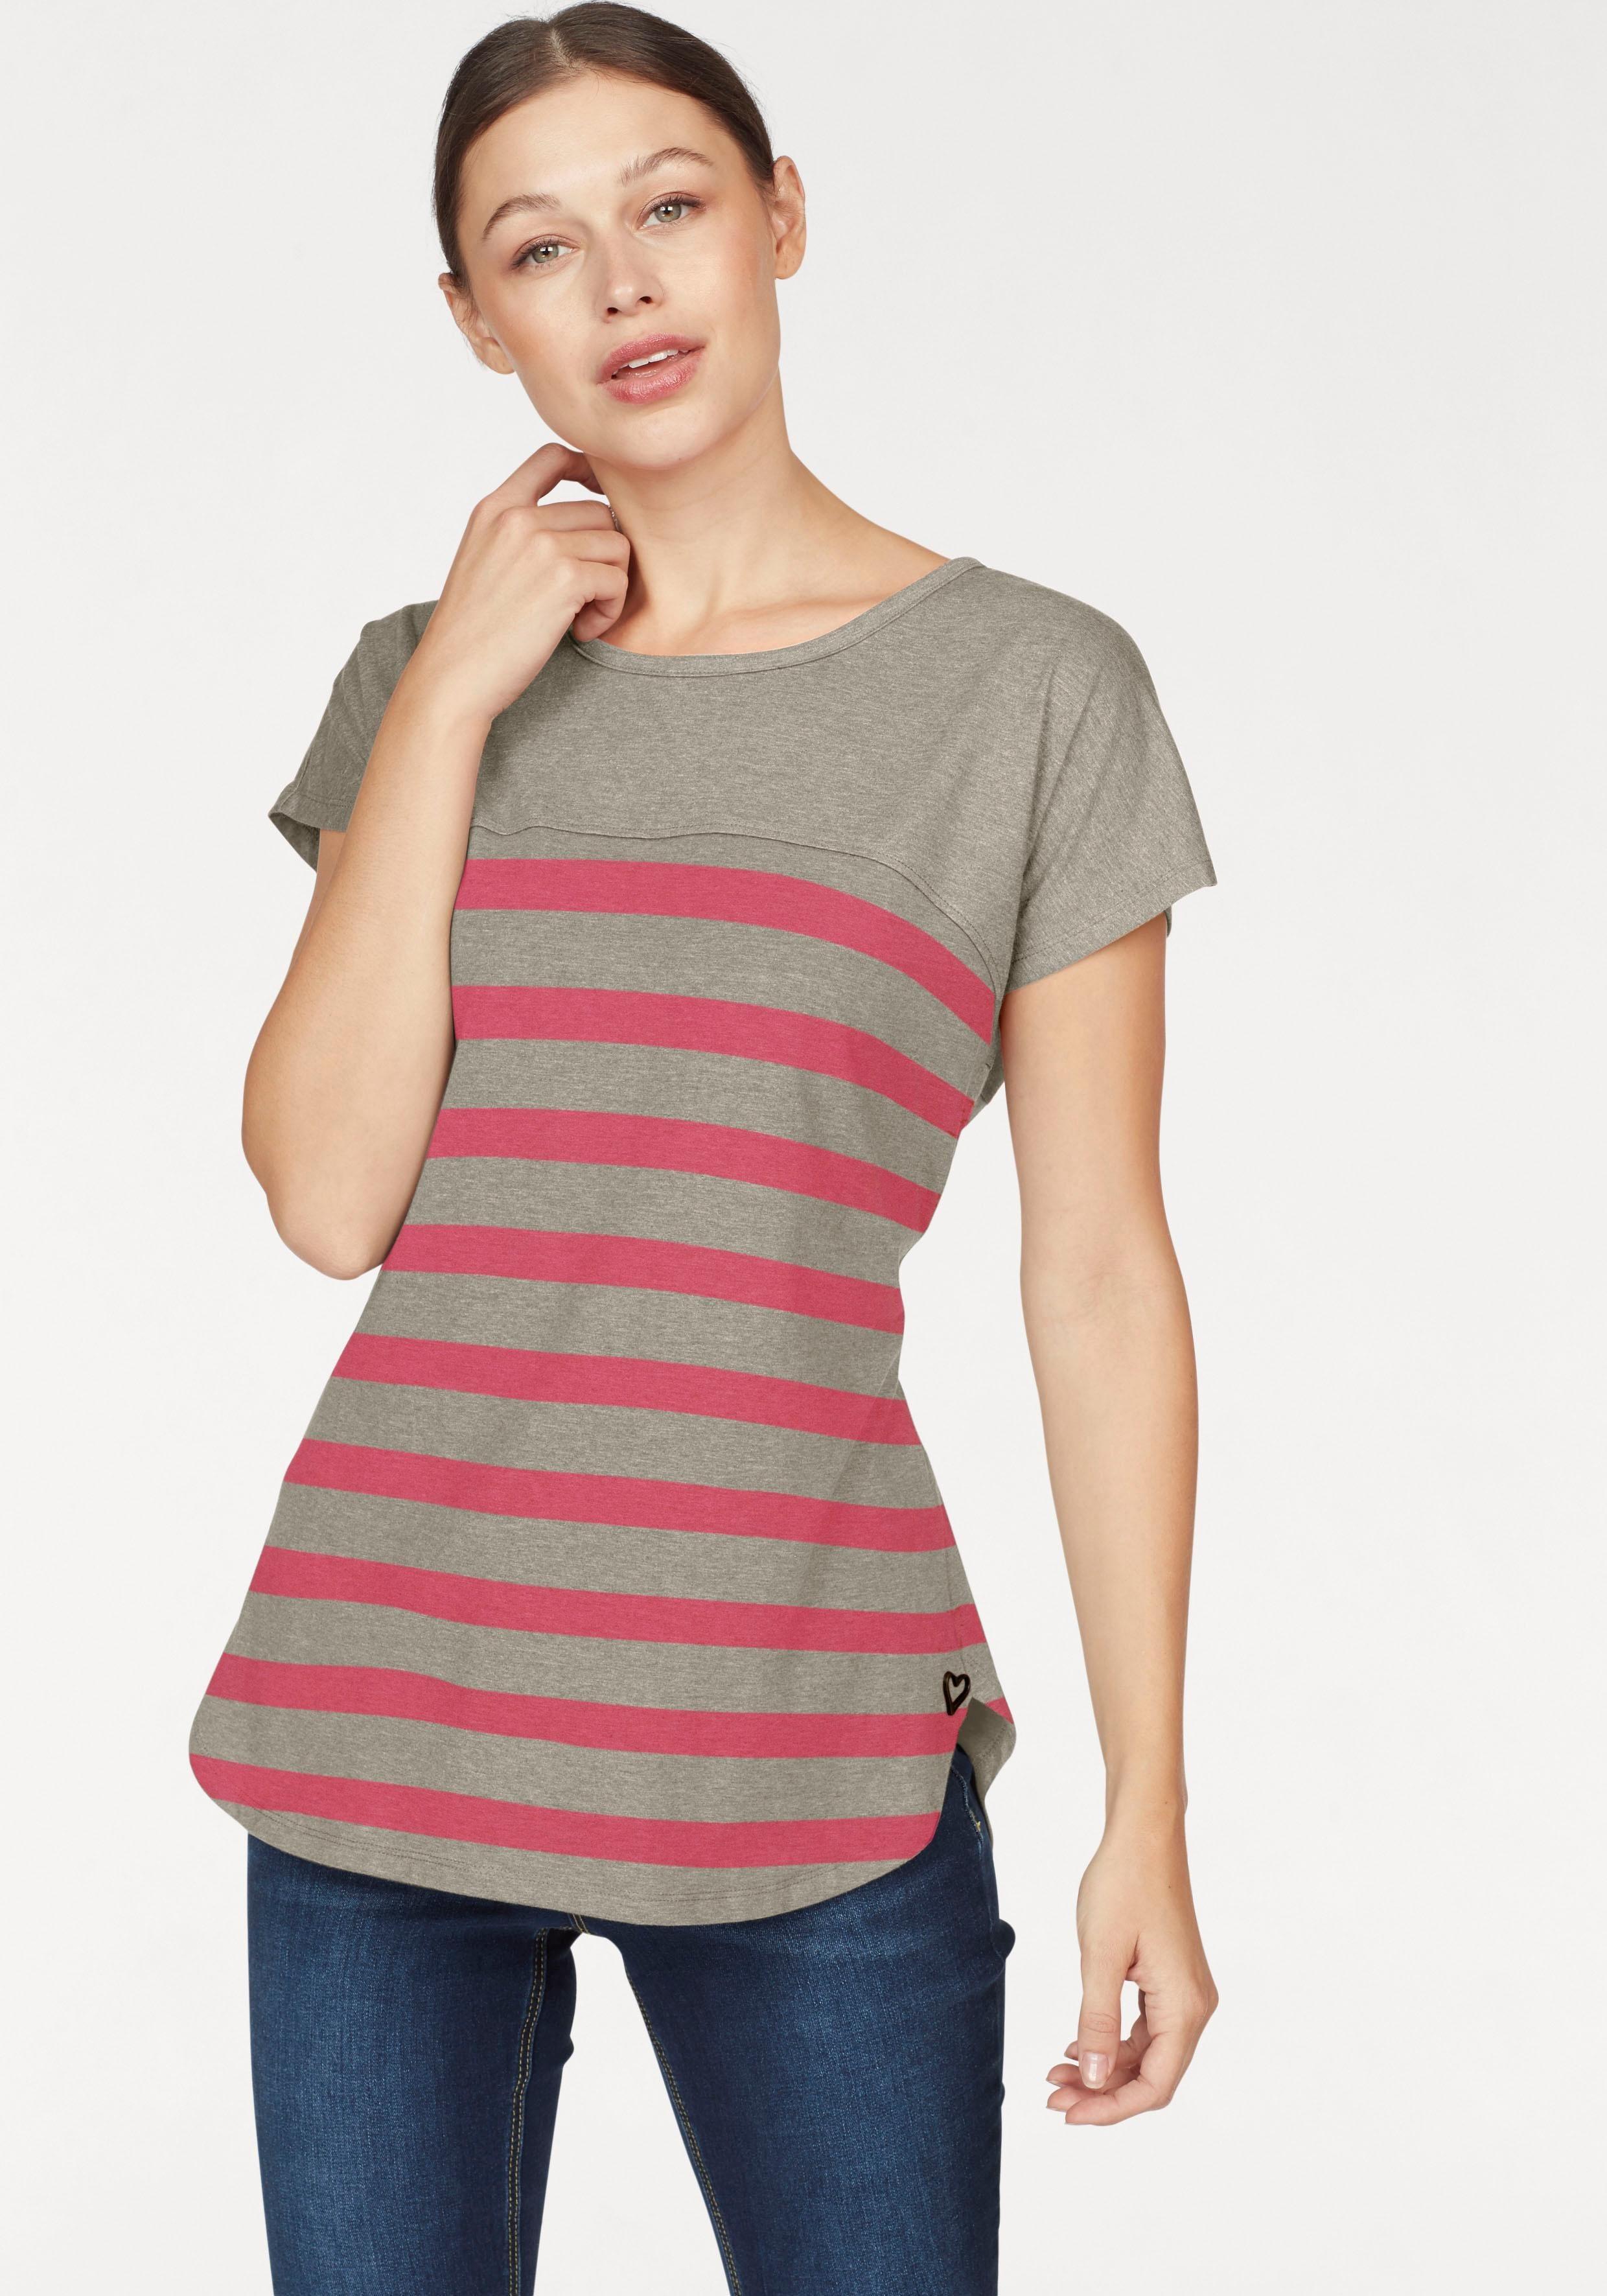 alife and kickin T-Shirt »CLARA B«, mit gemustertem Unterteil. 04.01.2018  Anbieter   OTTO - Ihr Online-Shop 55c643ca79